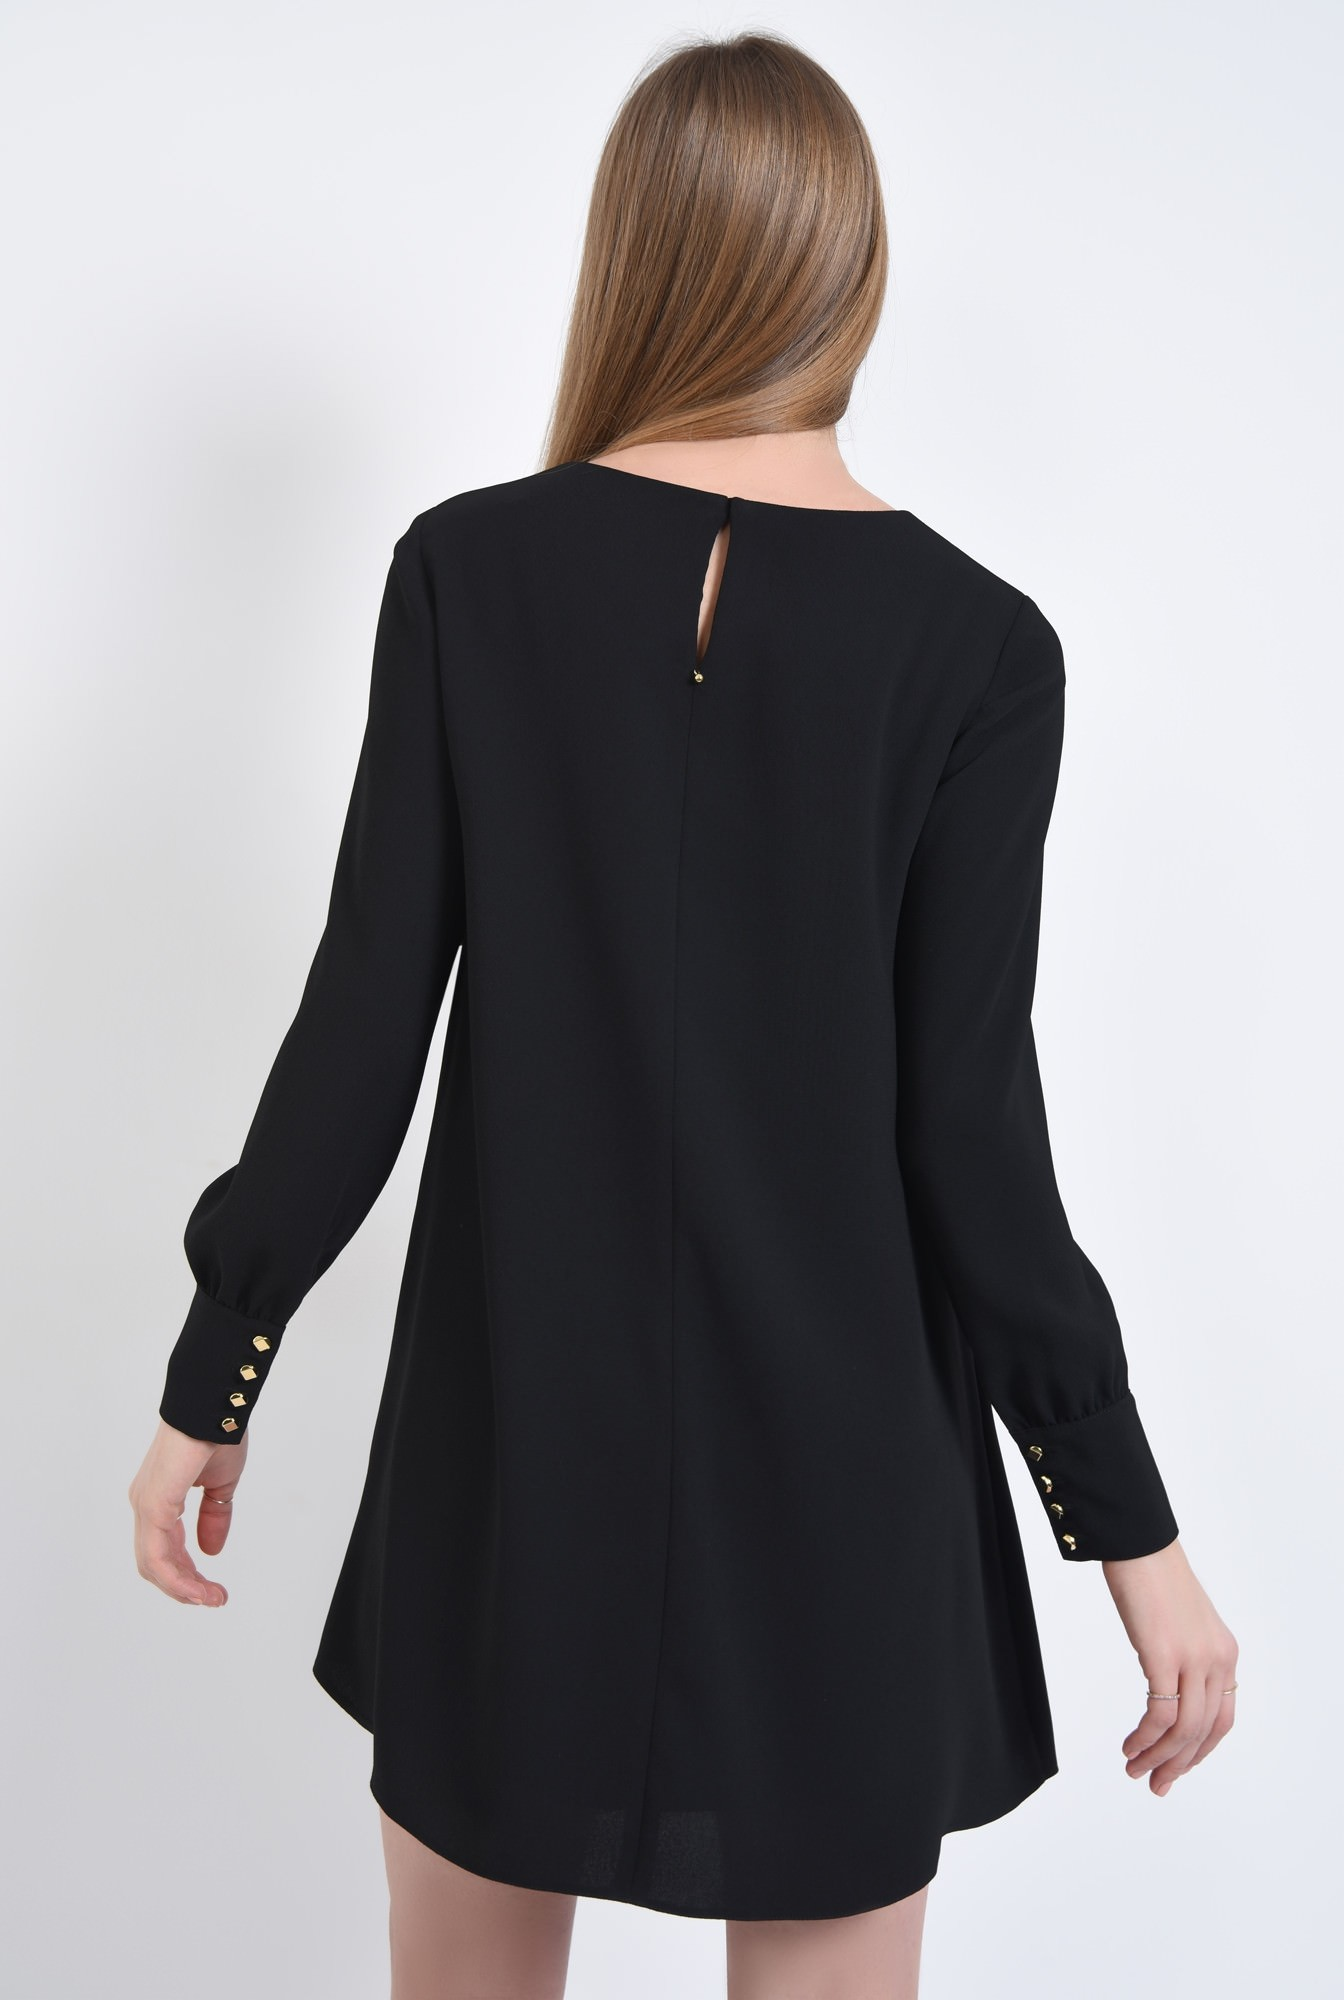 1 - Rochie casual neagra